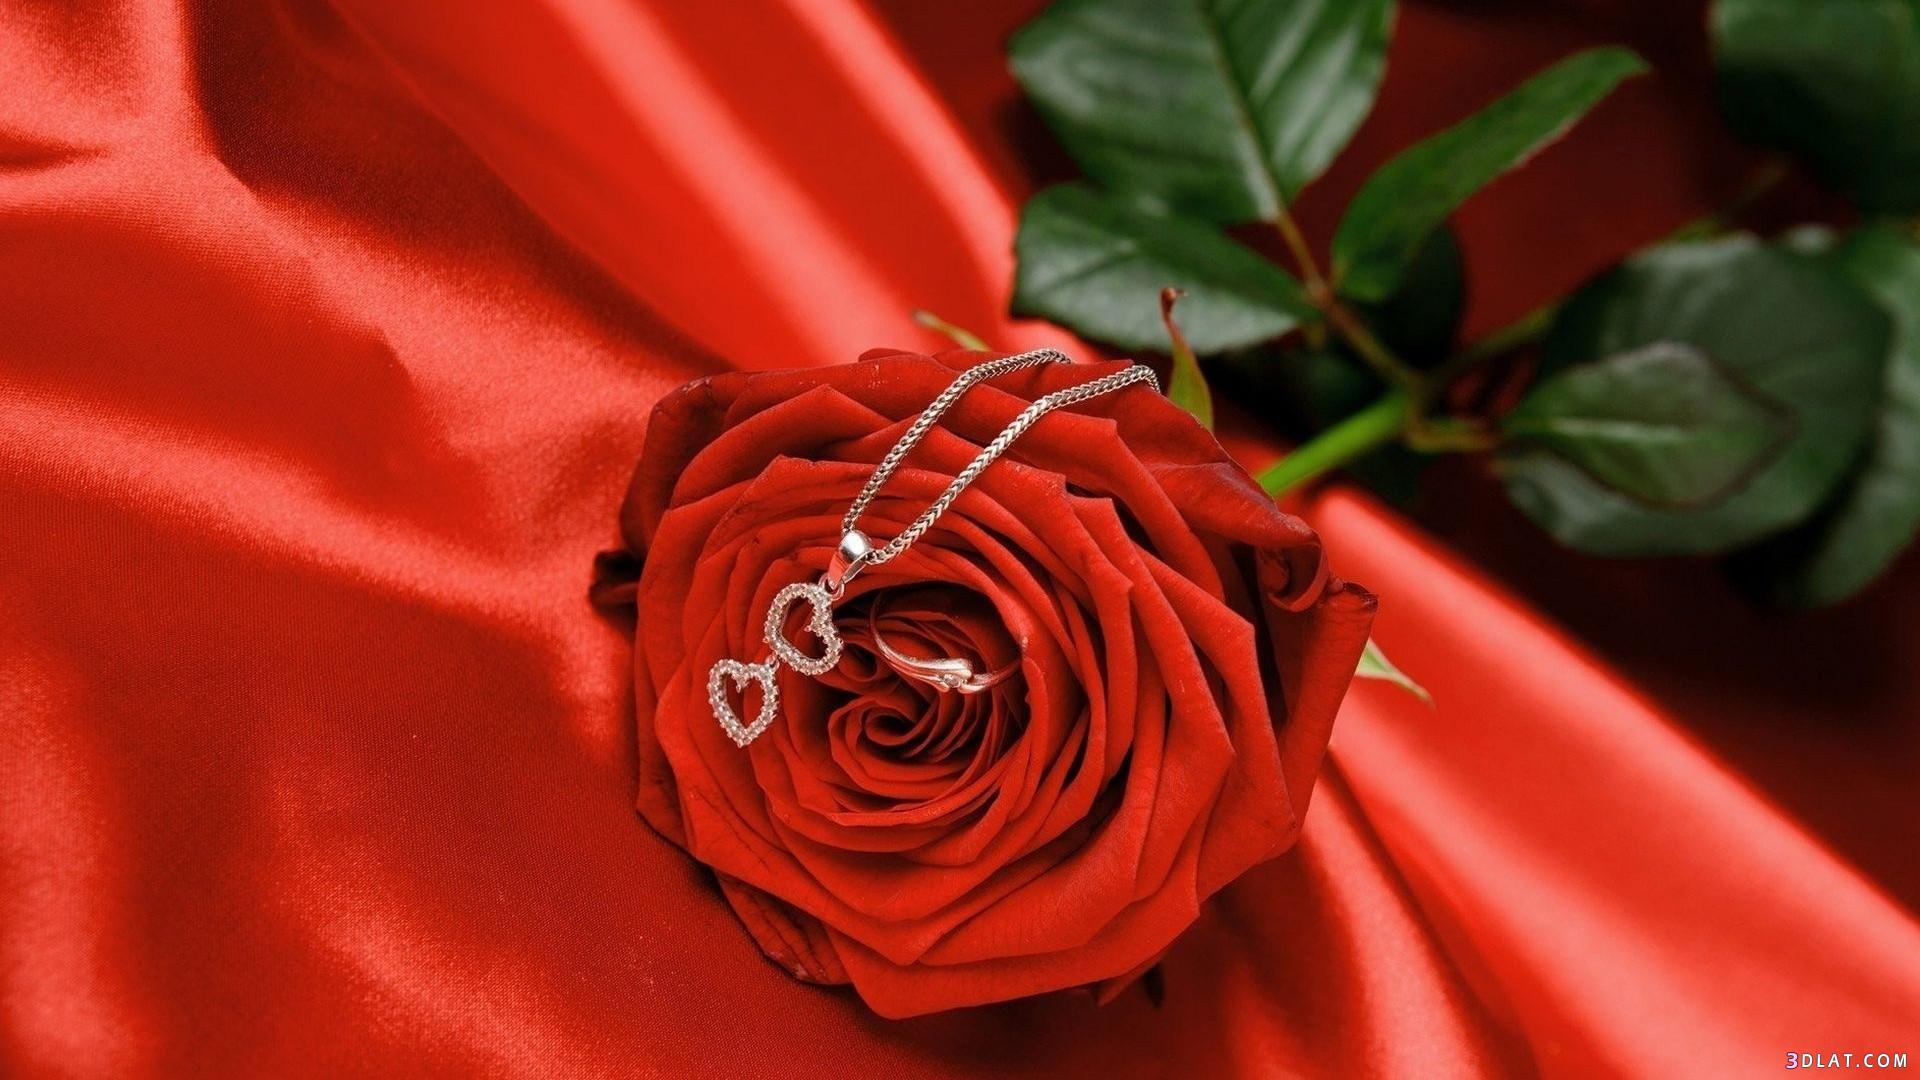 اكبر مجموعة الورد الرائعة لسطح المكتب 13661456791.jpg